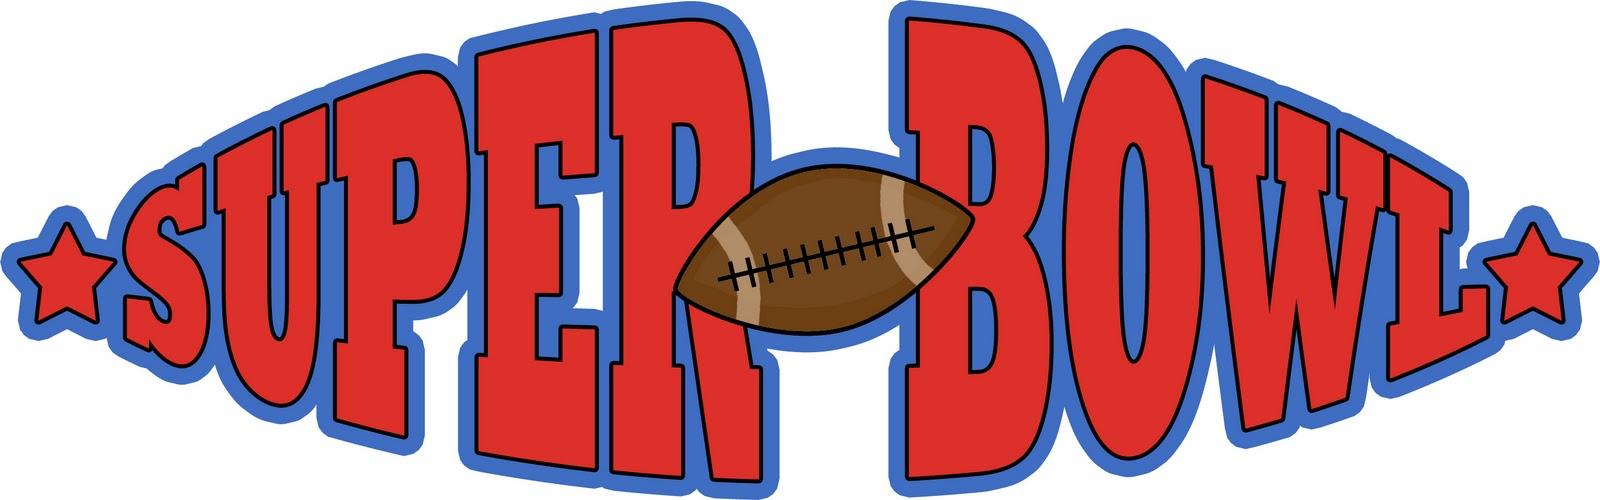 Football jersey clip art football field clipart